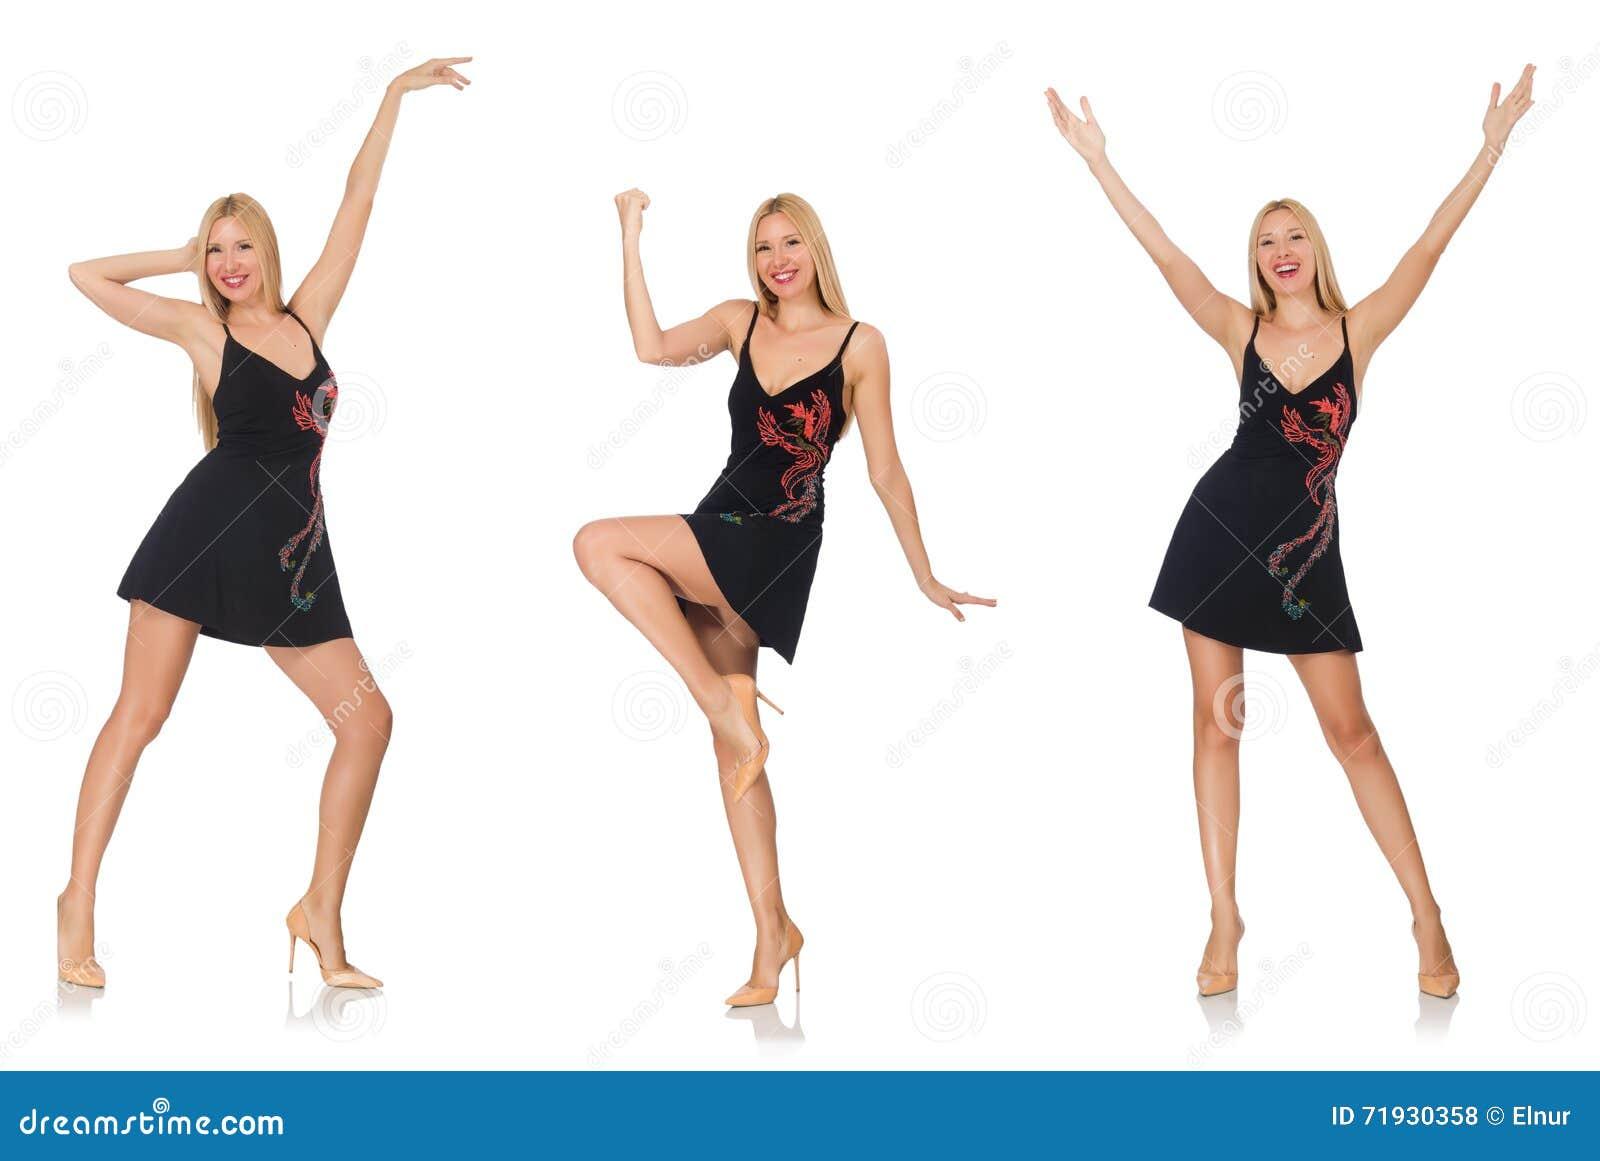 Составное фото женщины в различных представлениях